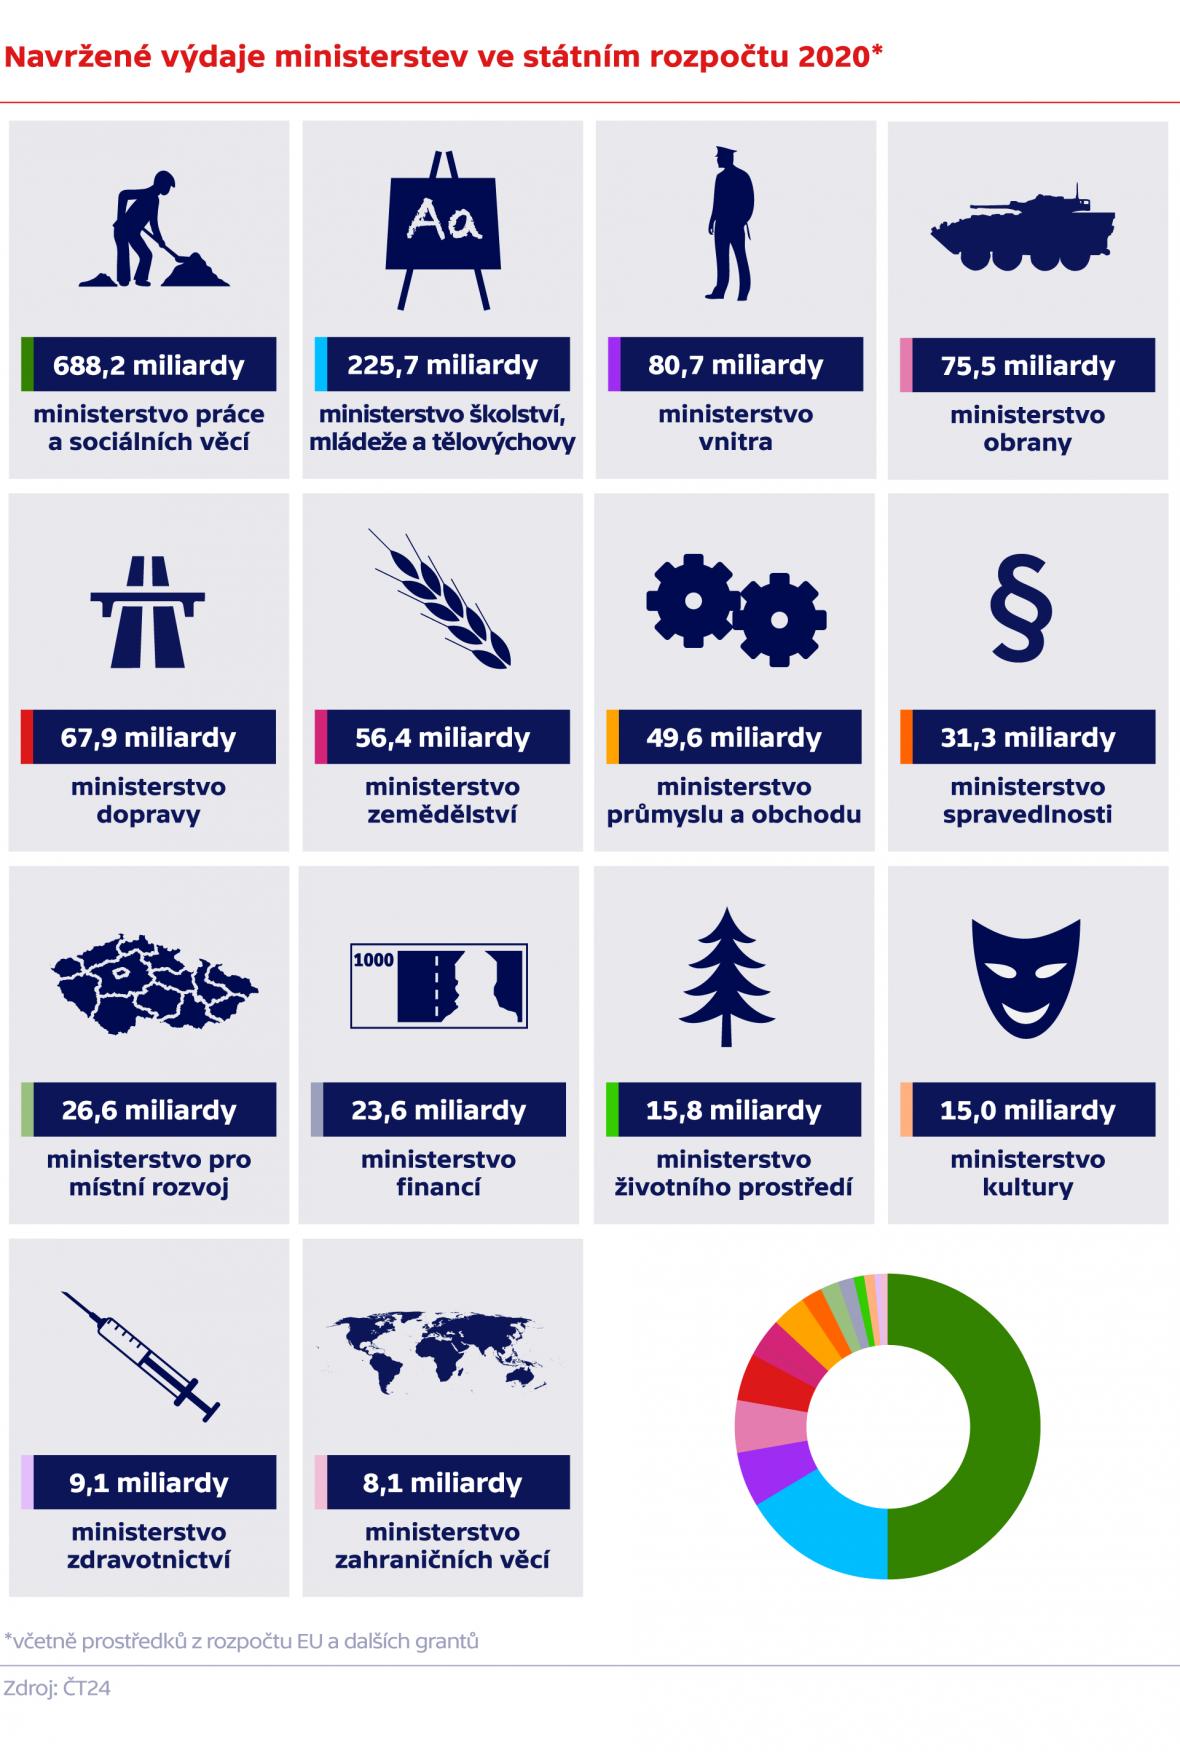 Navržené výdaje ministerstev ve státním rozpočtu 2020*